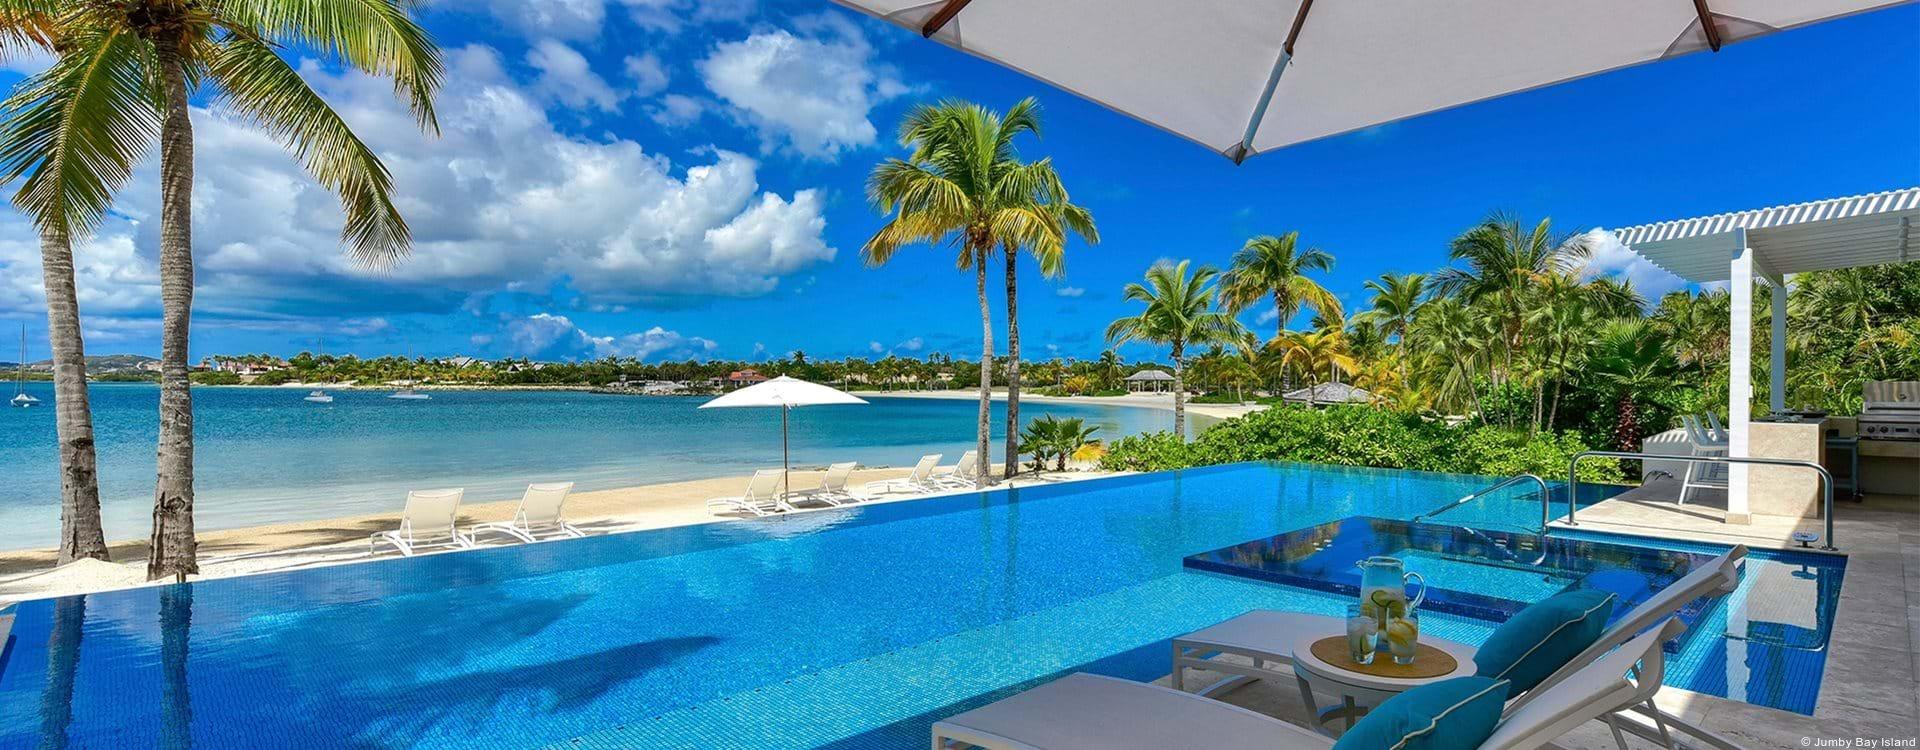 luxury Antigua resort